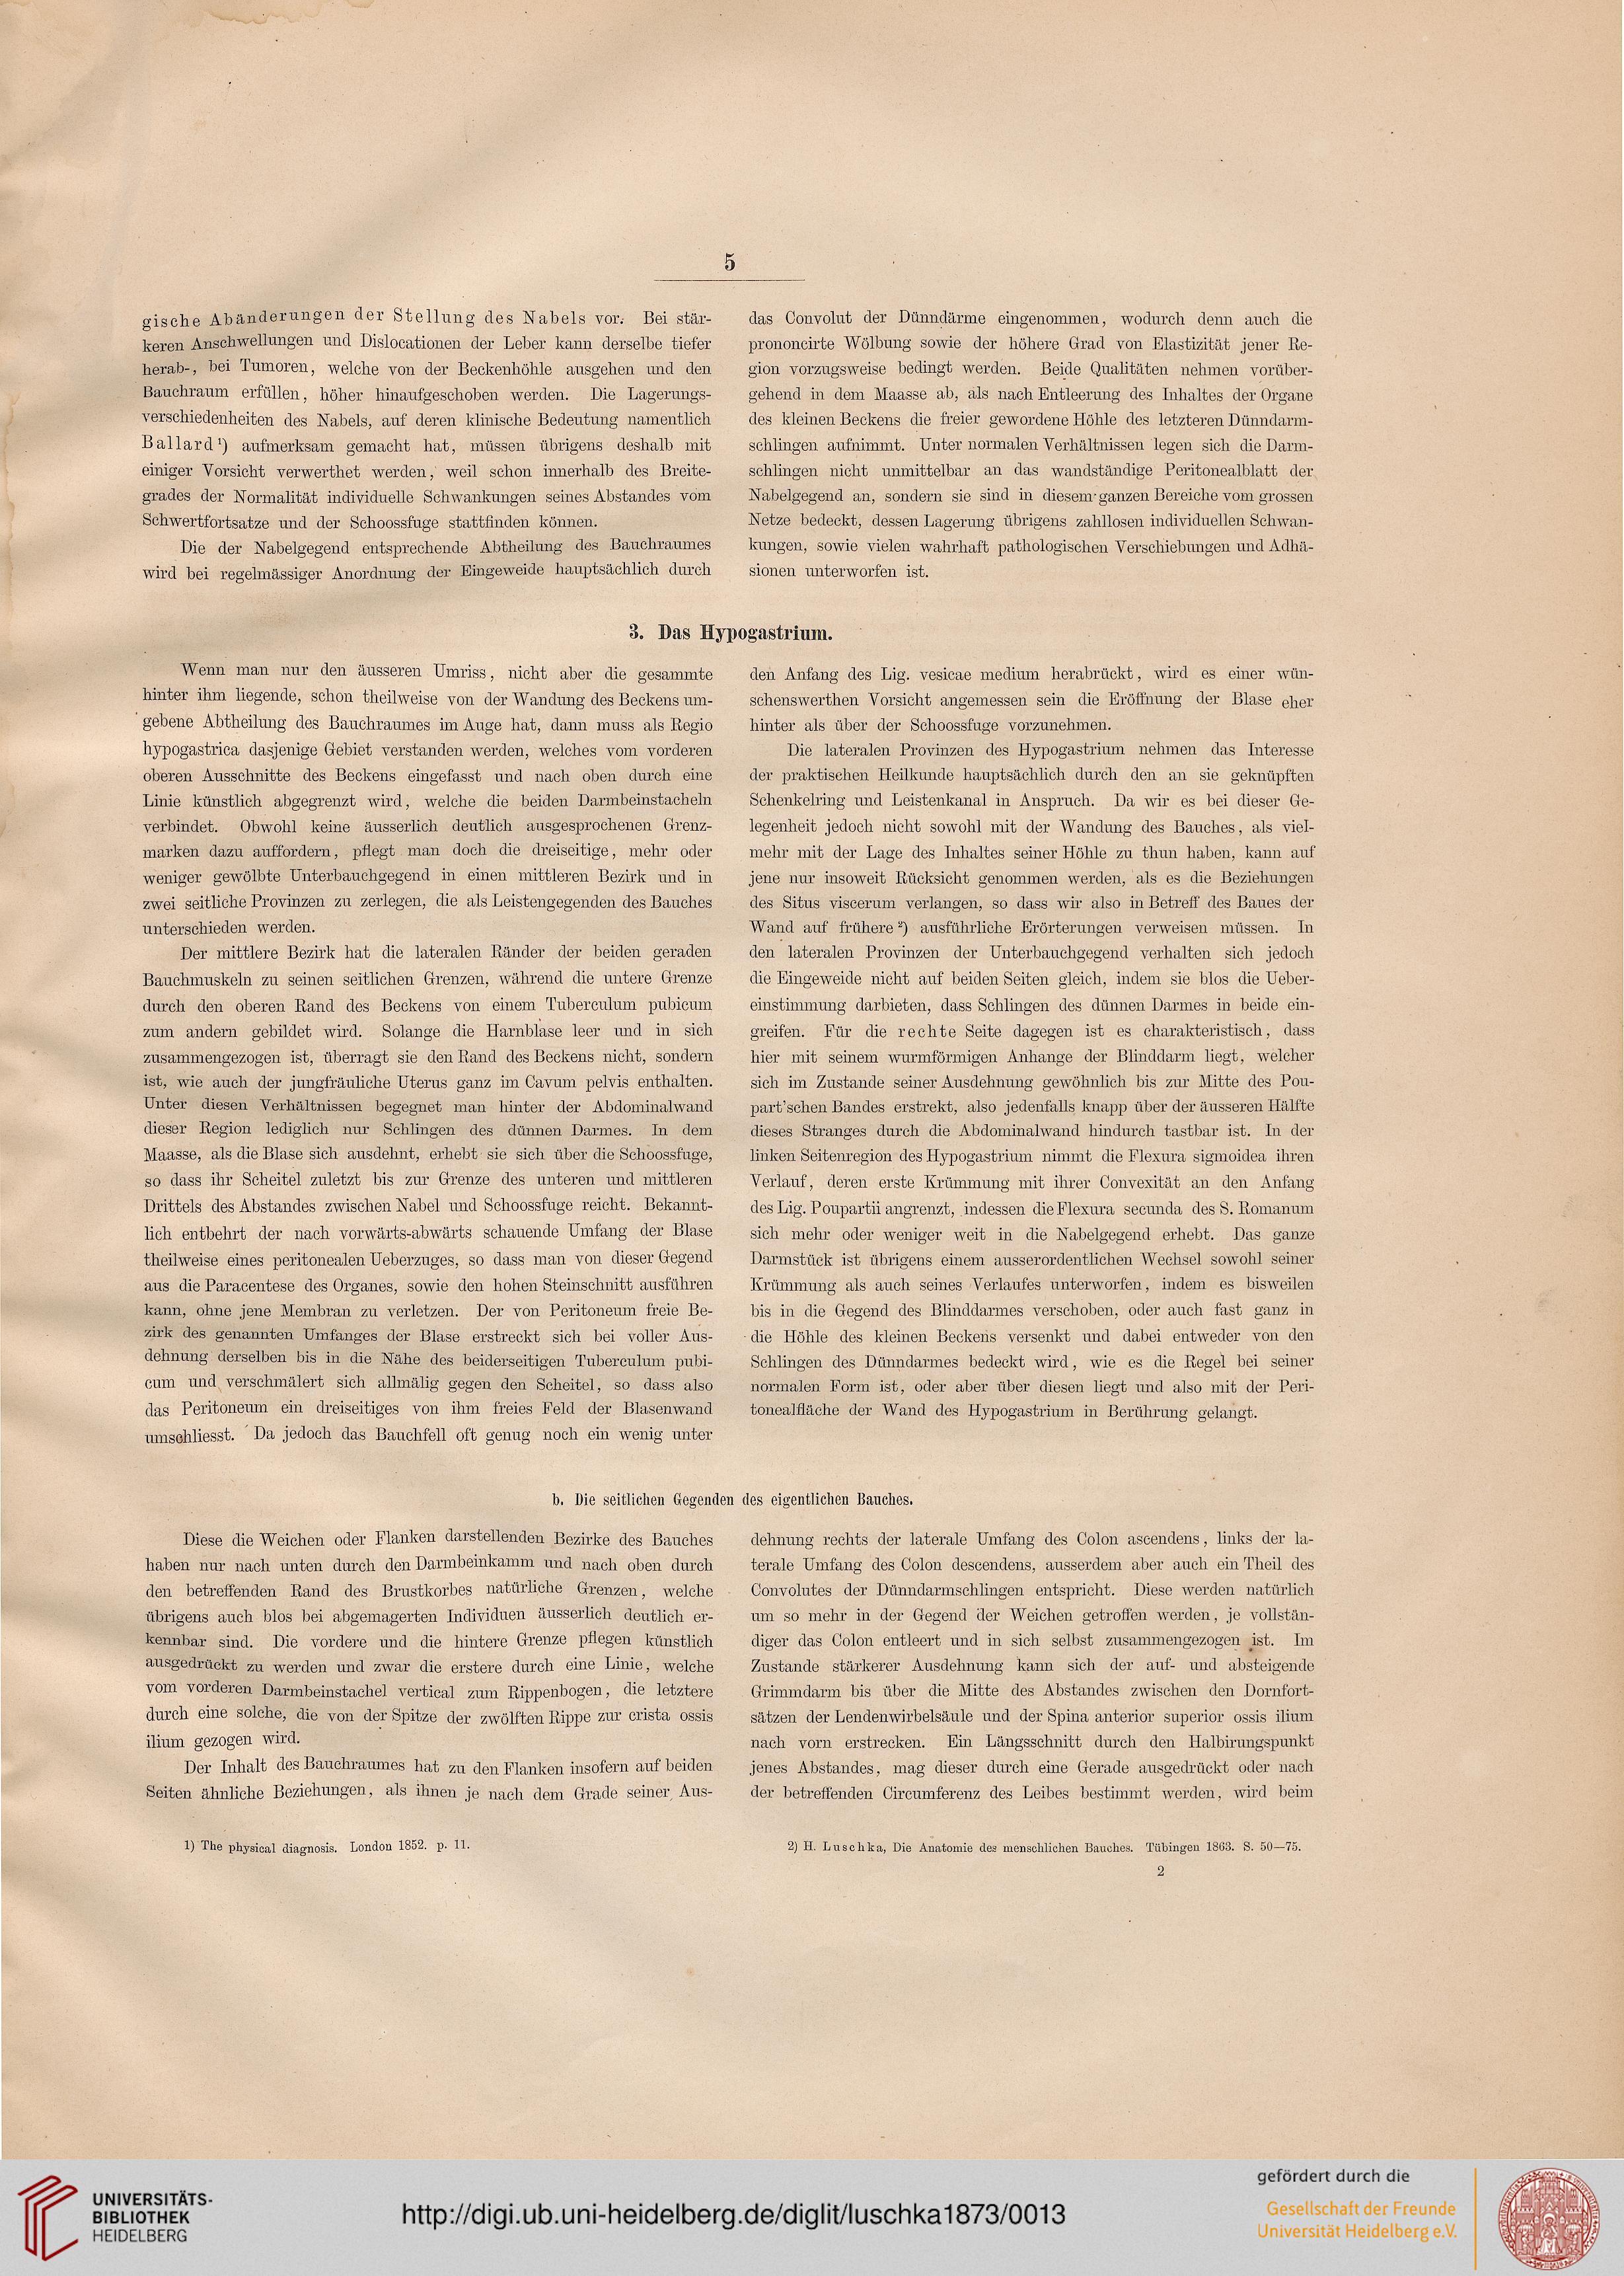 Niedlich Bild Des Menschlichen Bauches Zeitgenössisch - Anatomie ...